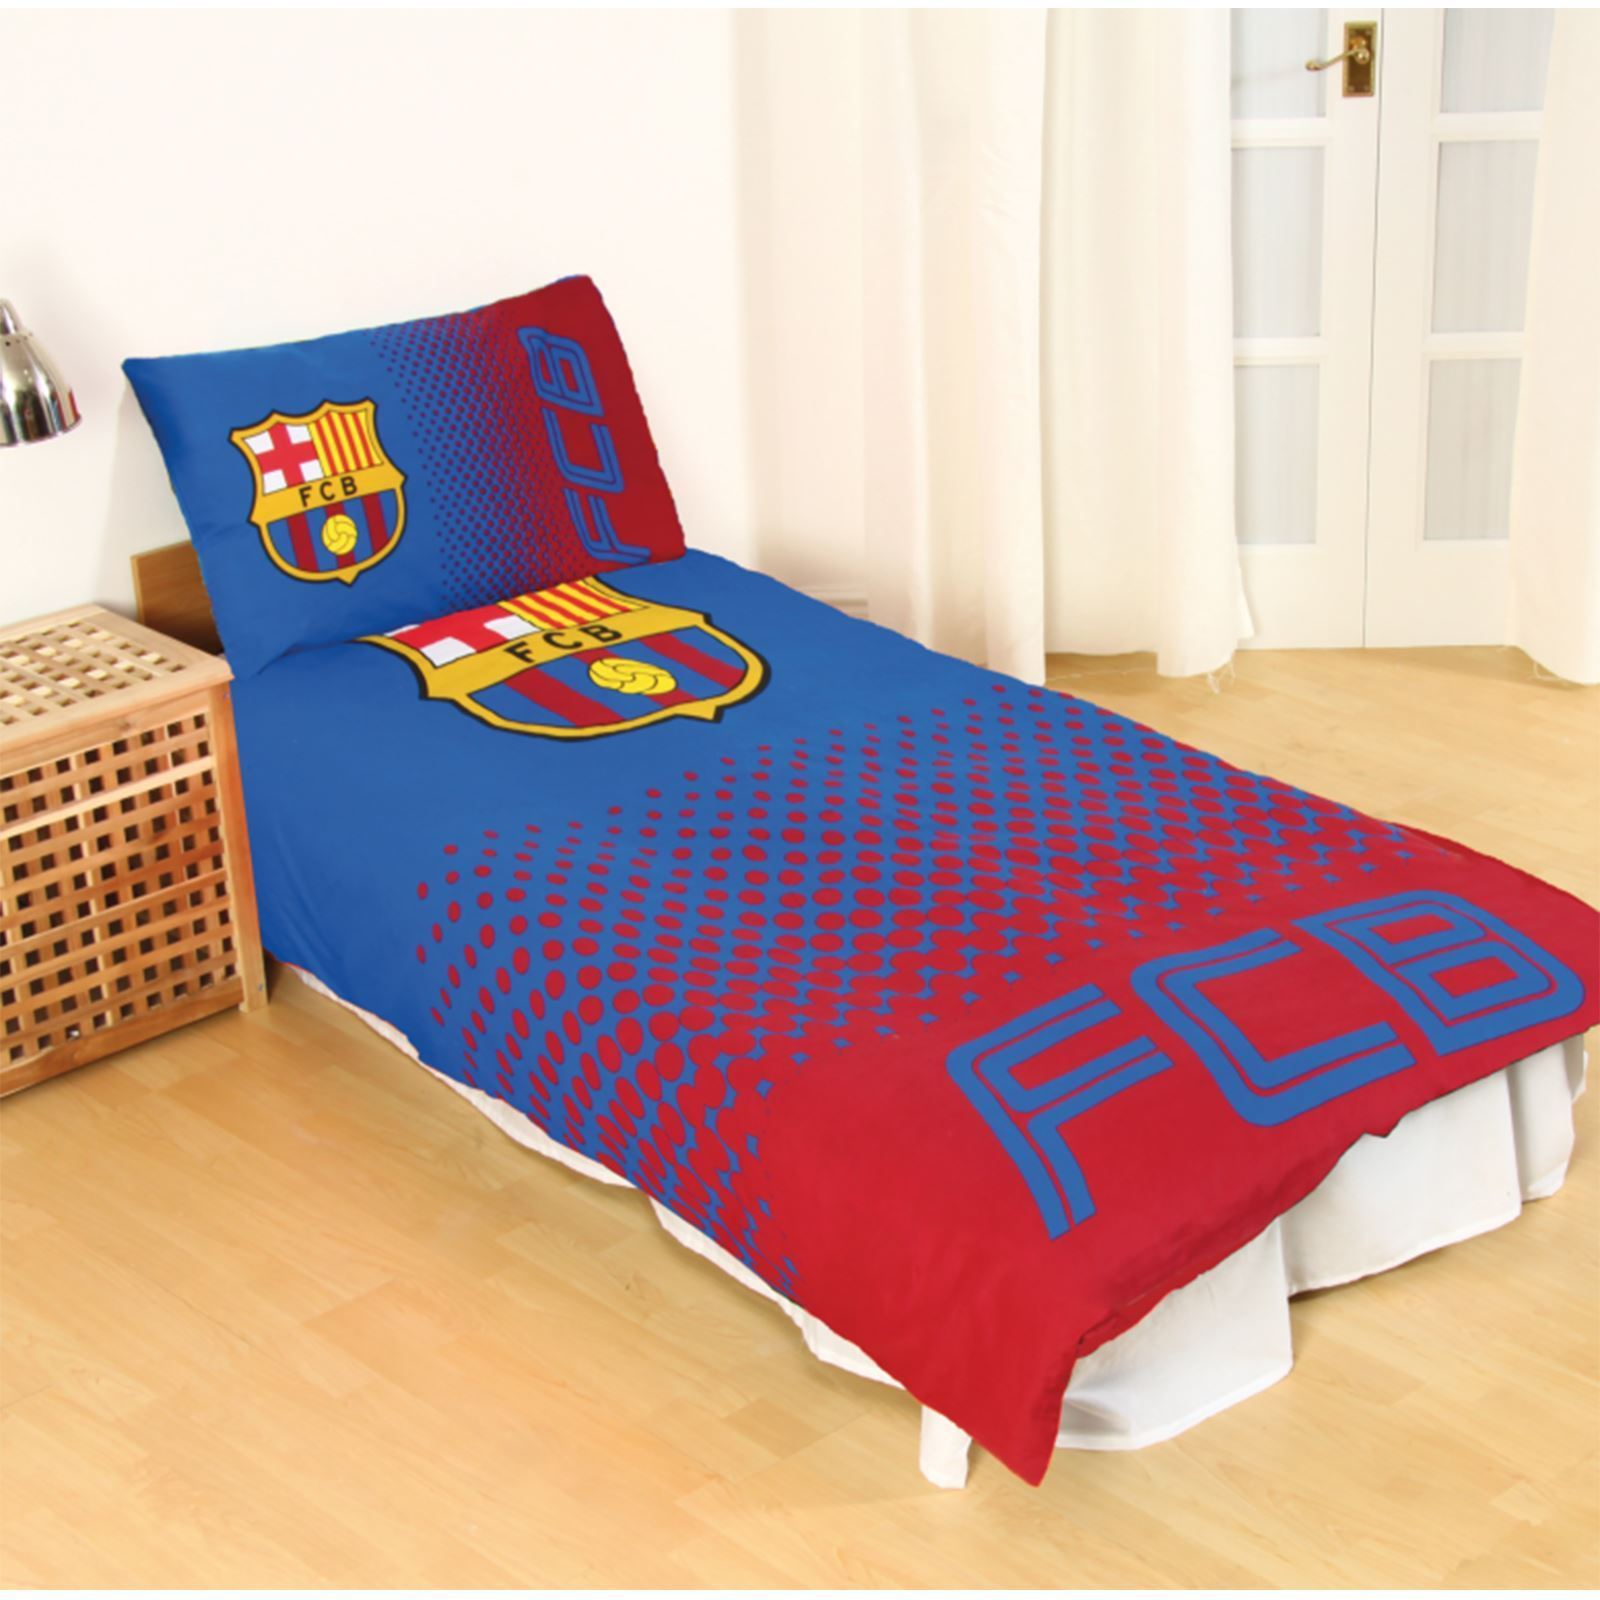 Barcelona 39 d grad 39 simple ensemble housse de couette gar ons enfants football ebay - Housse de couette barcelone ...